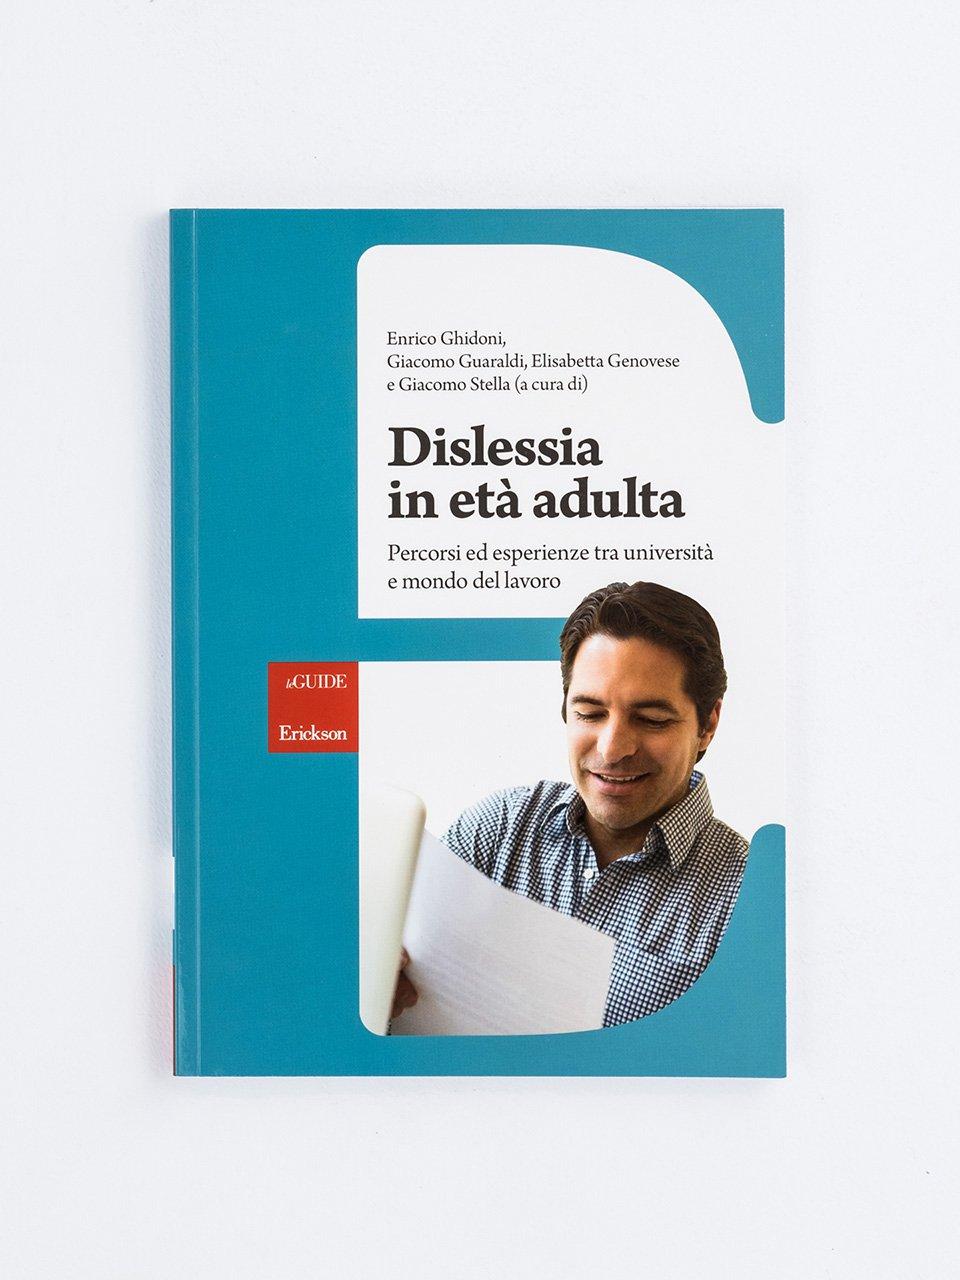 Dislessia in età adulta - Dislessia evolutiva - App e software - Erickson